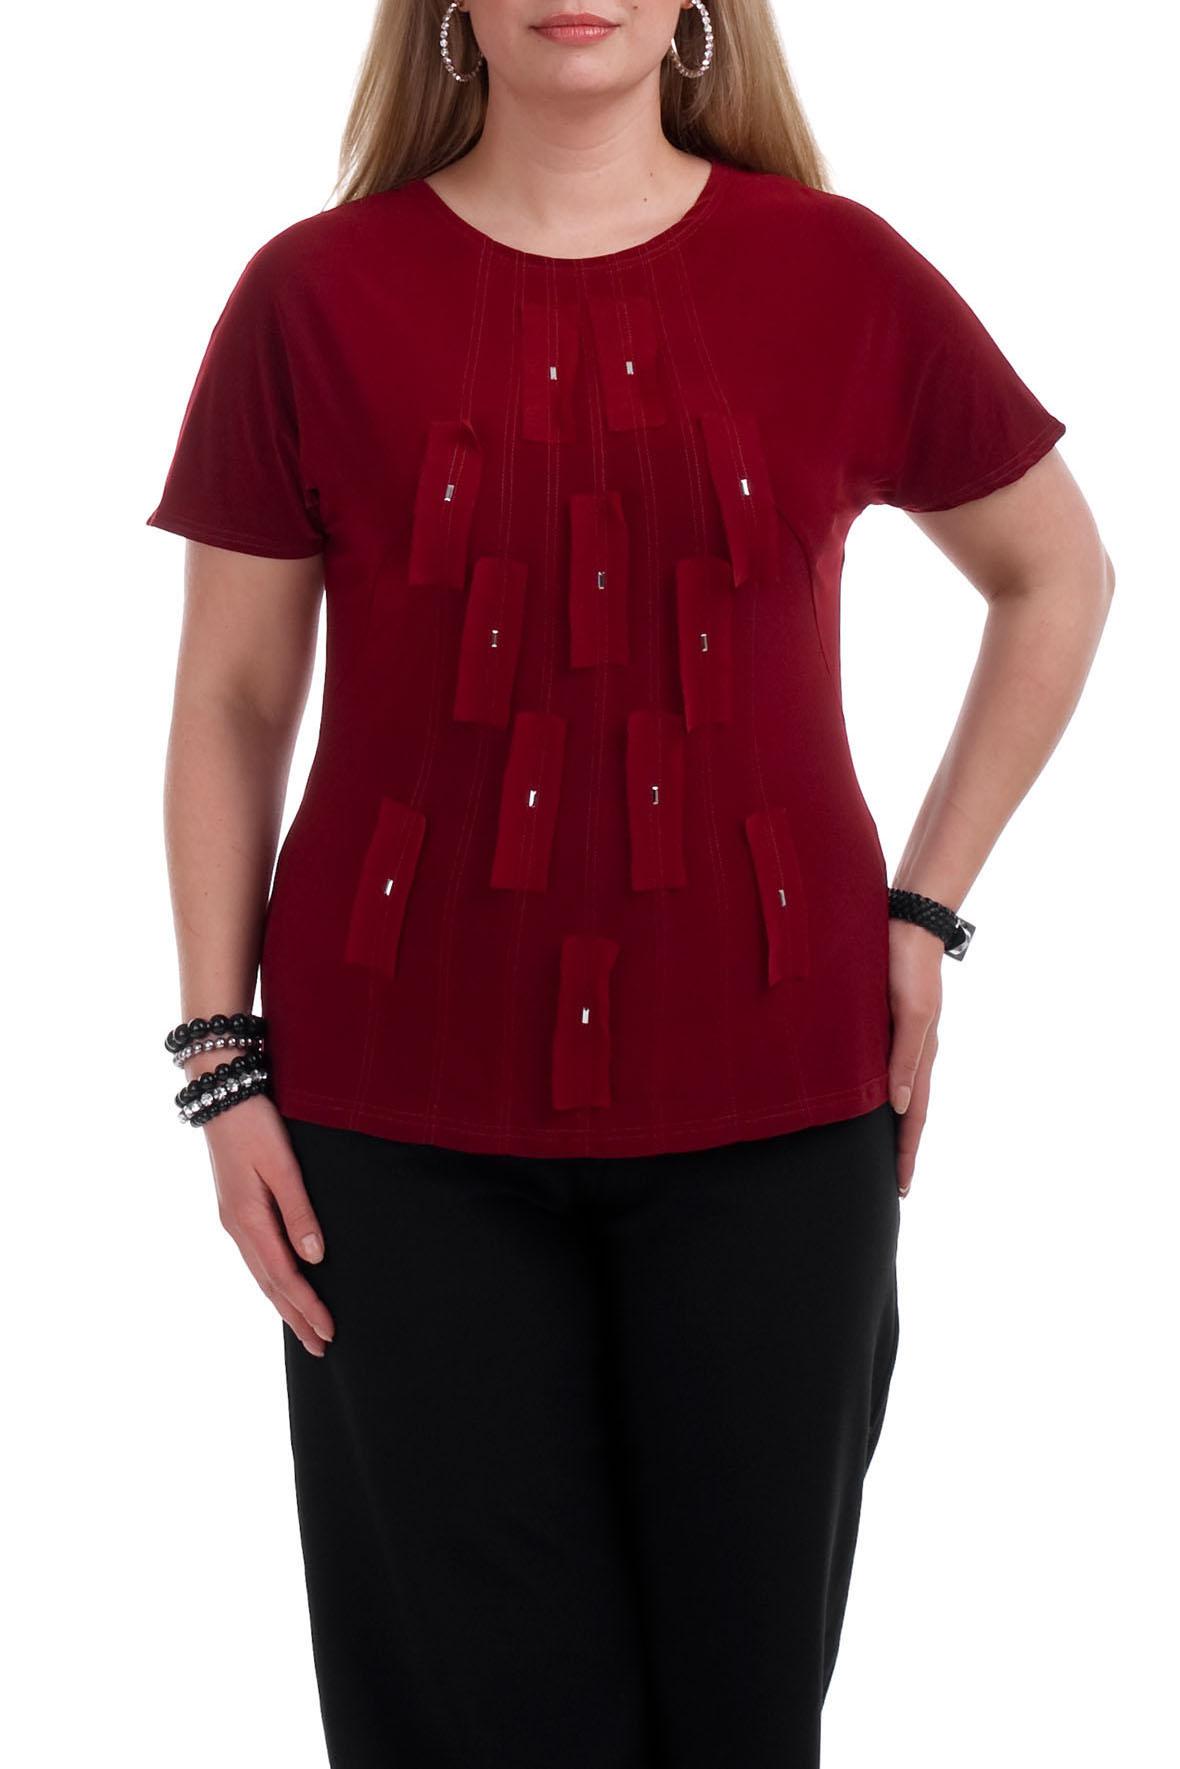 БлузкаБлузки<br>Прекрасная блузка с круглой горловиной и короткими рукавами. Модель выполнена из приятного материала. Отличный выбор для любого случая. Расположение декора может незначительно отличаться от картинки.  Цвет: бордовый  Рост девушки-фотомодели 173 см<br><br>Горловина: С- горловина<br>По материалу: Вискоза,Трикотаж<br>По рисунку: Однотонные<br>По сезону: Весна,Зима,Лето,Осень,Всесезон<br>По силуэту: Полуприталенные,Прямые<br>По стилю: Нарядный стиль,Повседневный стиль<br>По элементам: С декором<br>Рукав: Короткий рукав<br>Размер : 52,54<br>Материал: Холодное масло<br>Количество в наличии: 2